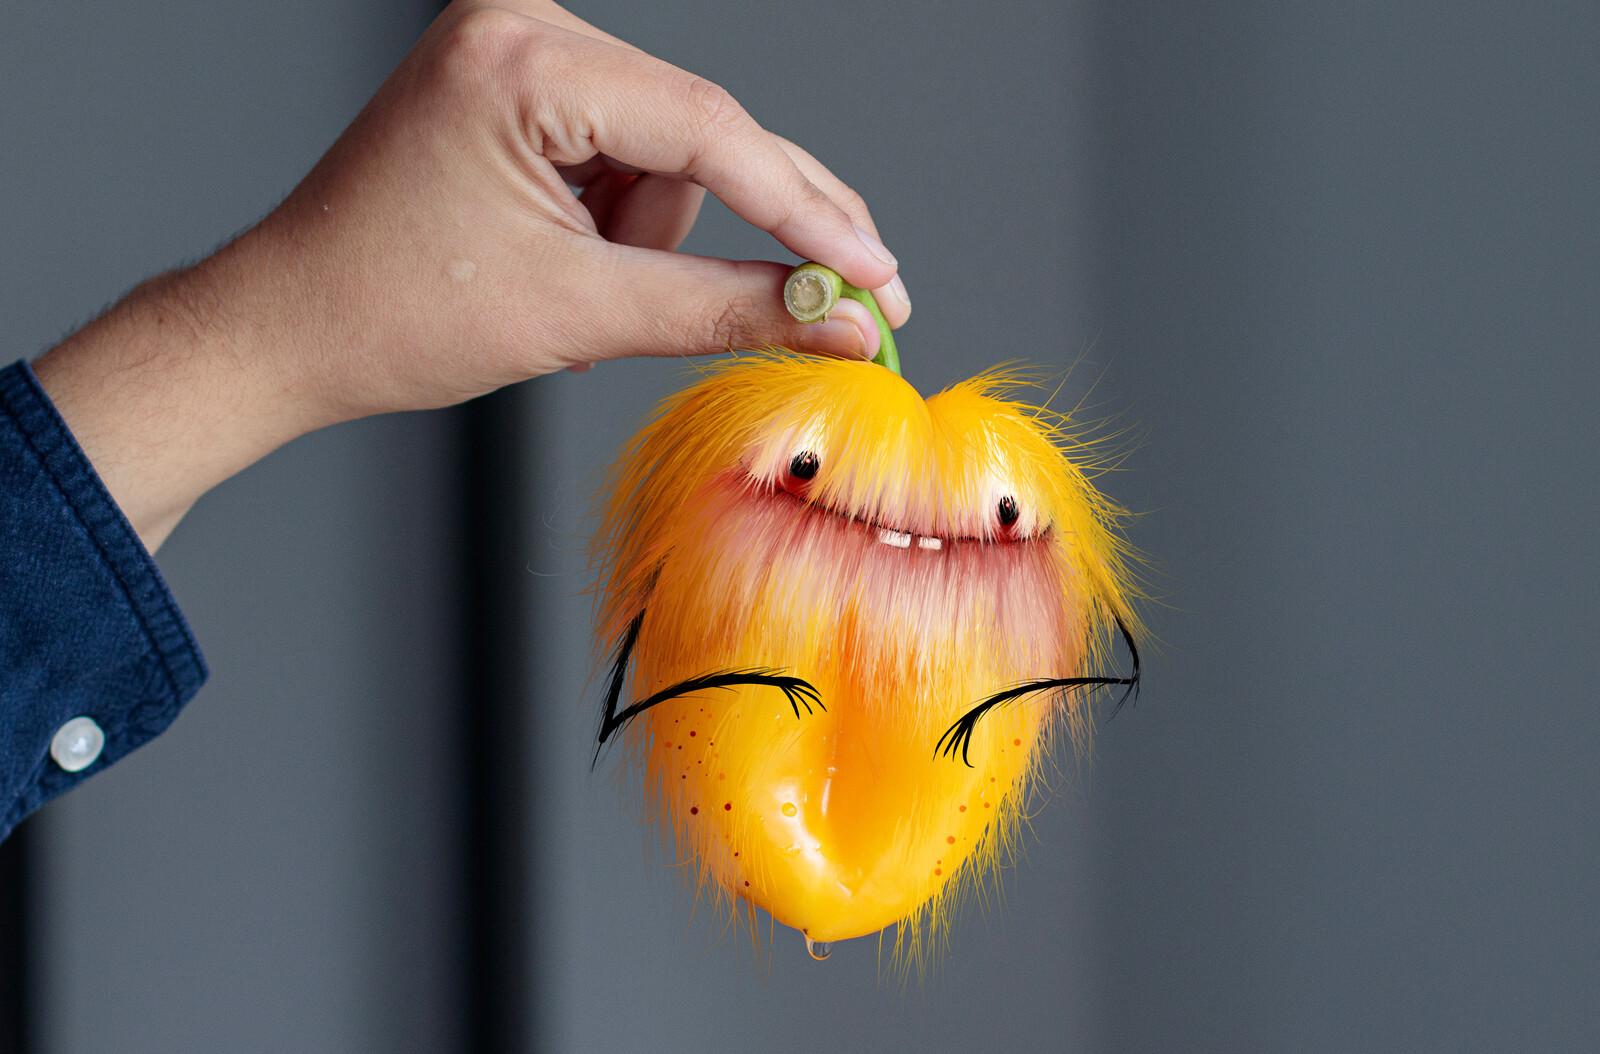 Fluffy Pepper Creature